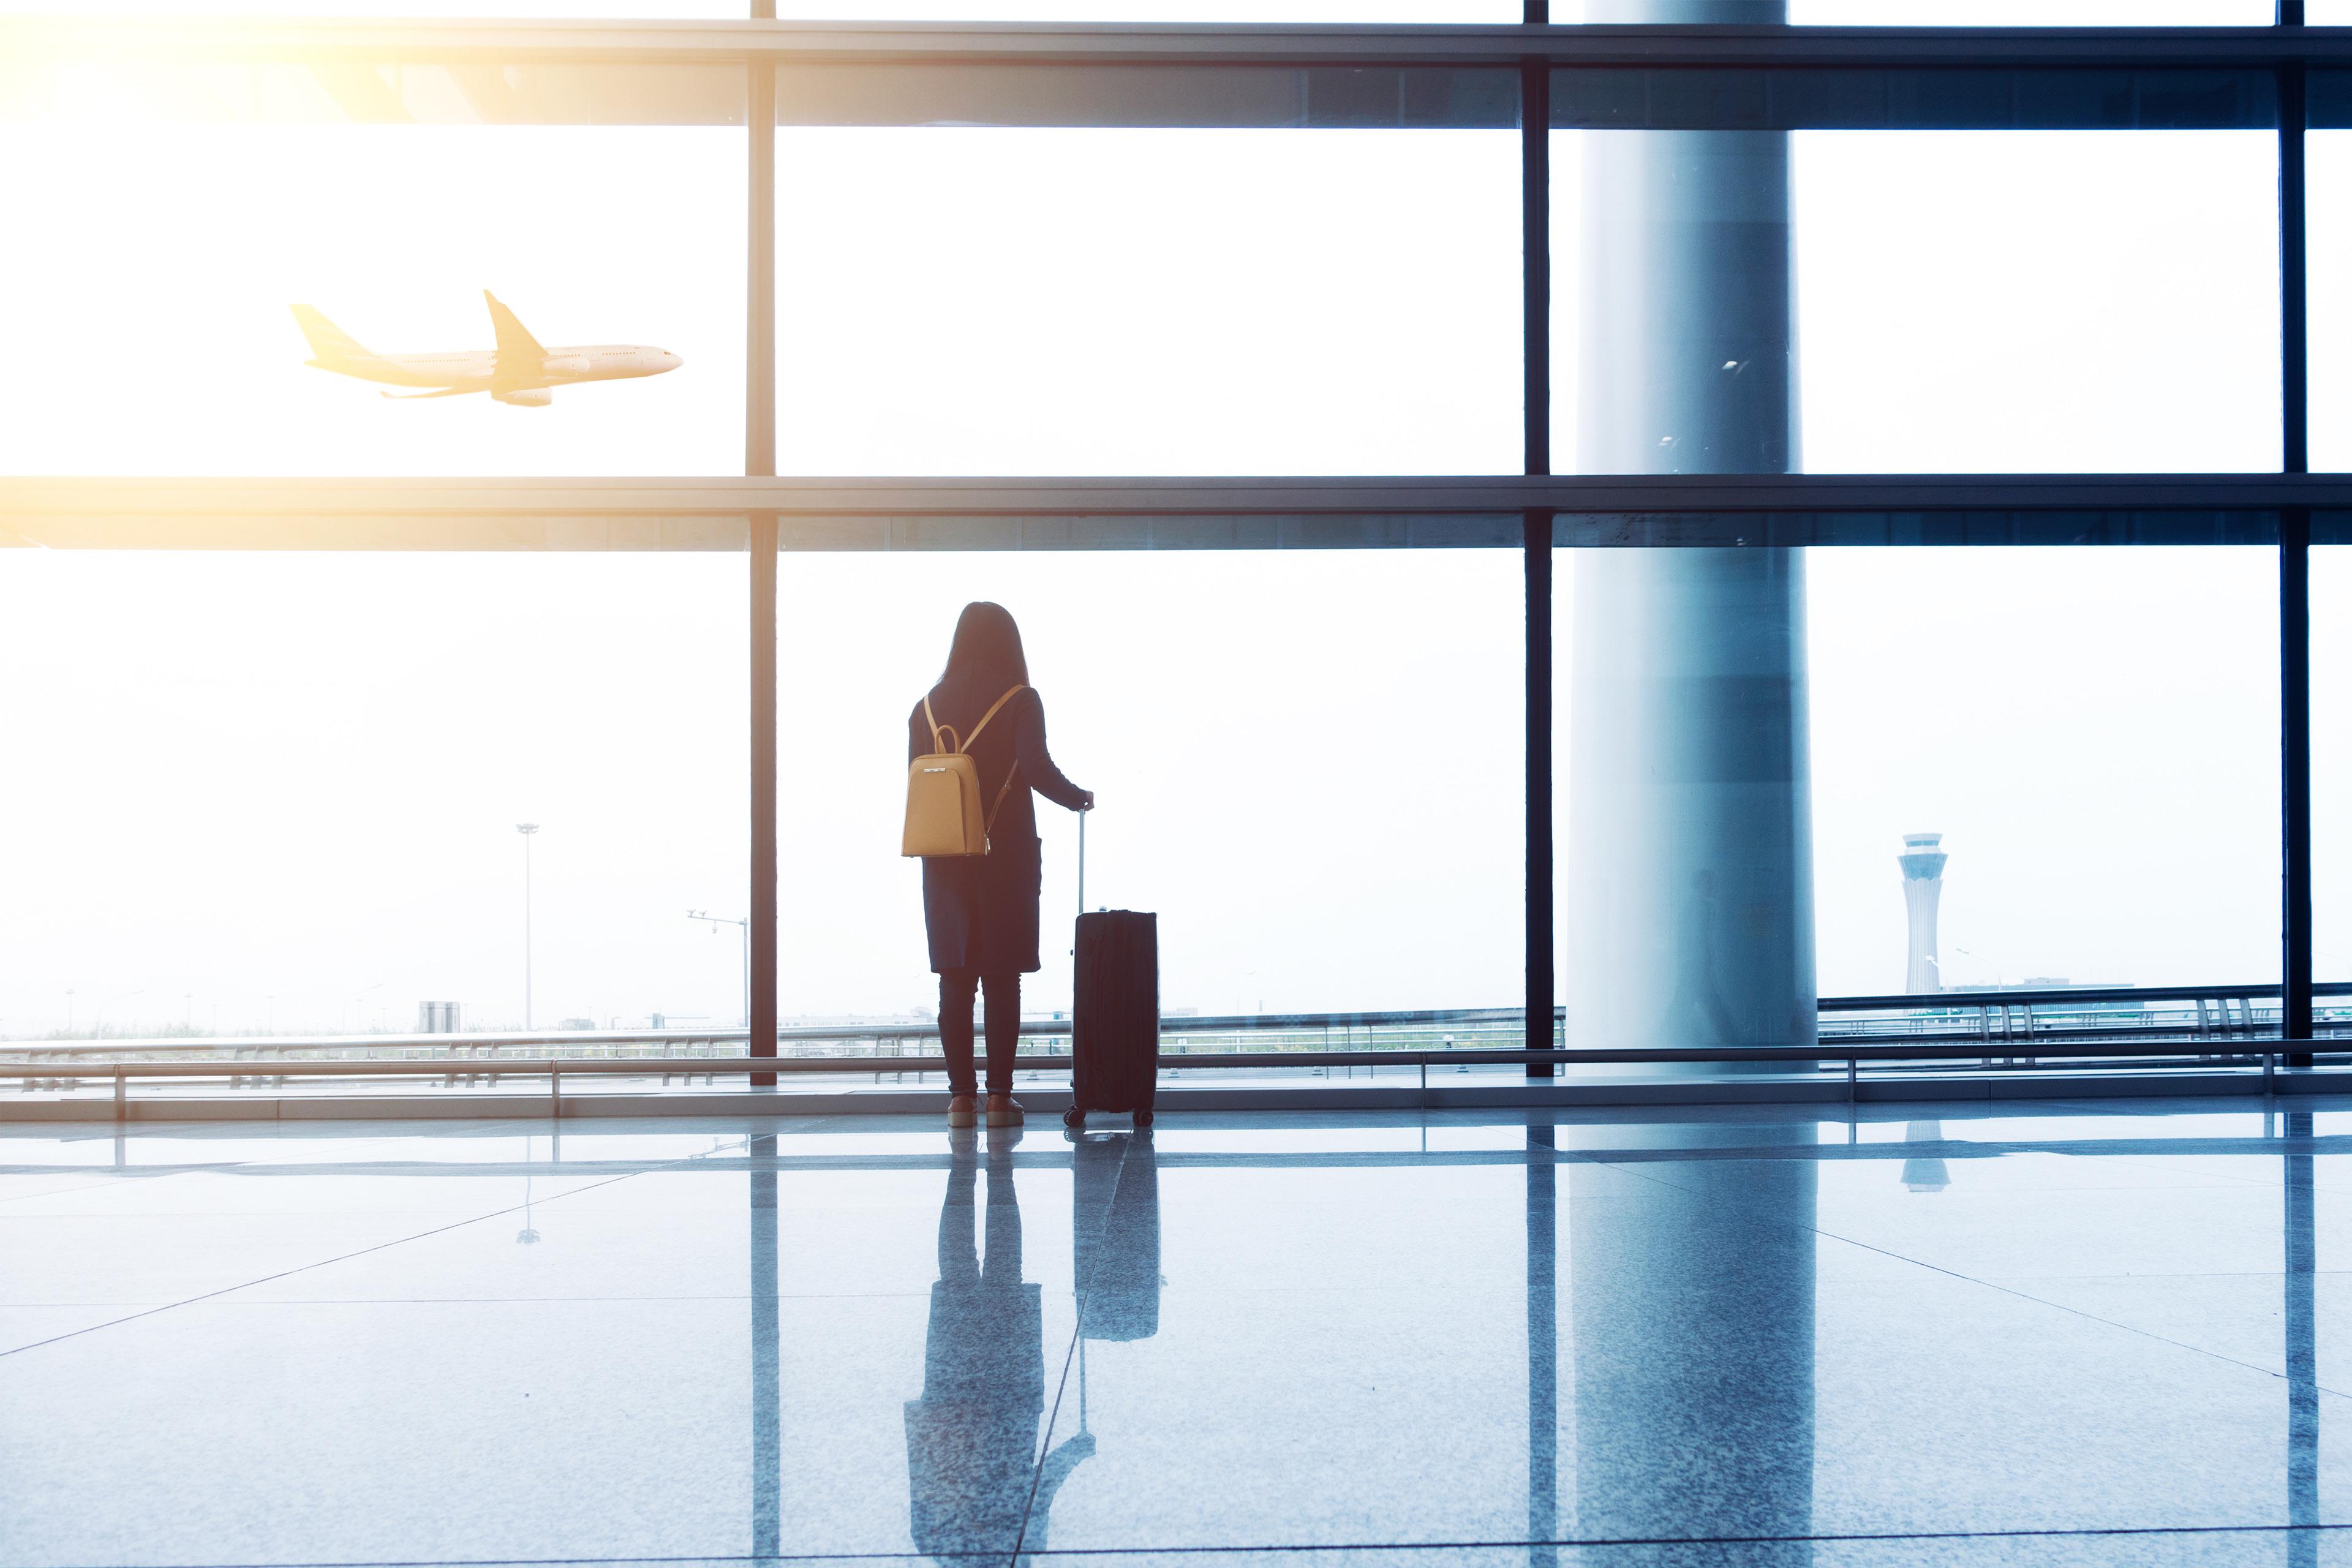 Praktikantenförderprogramm Xperience von EY: Frau mit Koffer in Flughafenhallte beobacht Flieger.